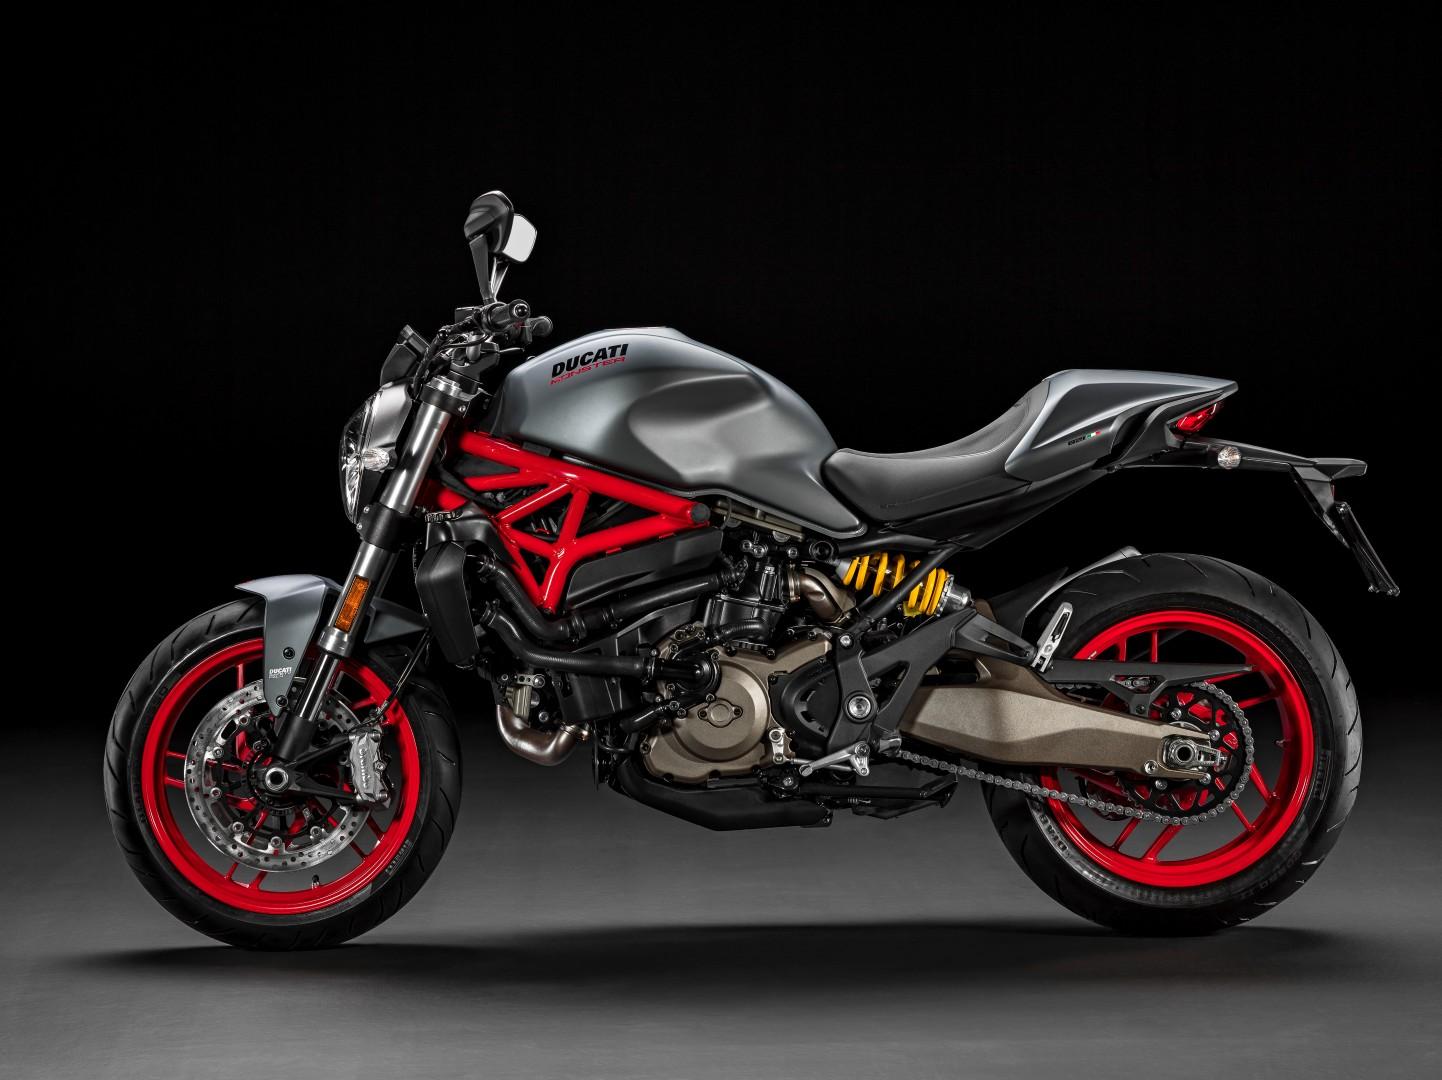 Ducati Monster 821 y Ducati 1299 Panigale